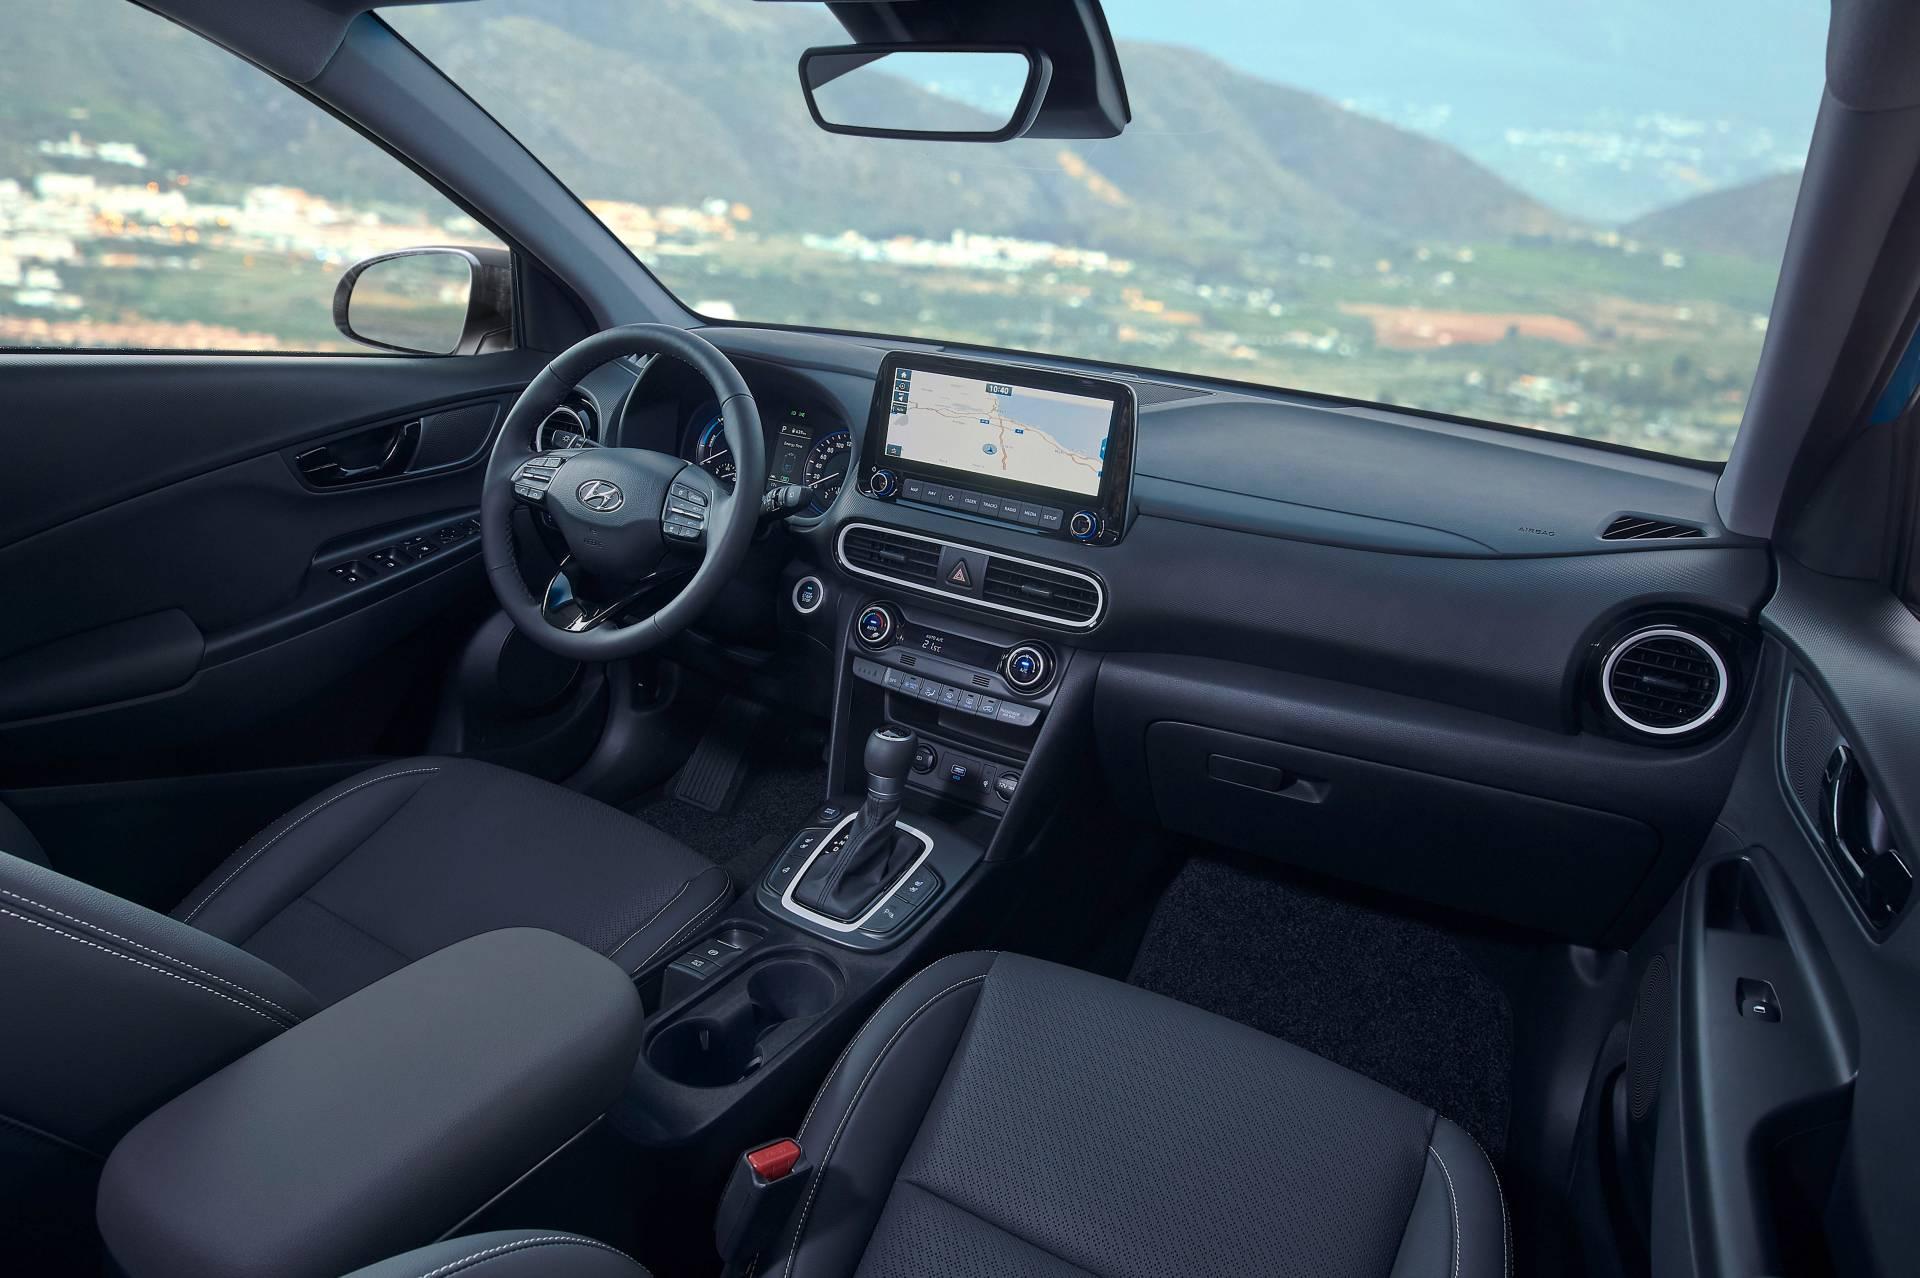 Hyundai lộ diện Kona phiên bản Hybrid tại thị trường Châu Âu - 15